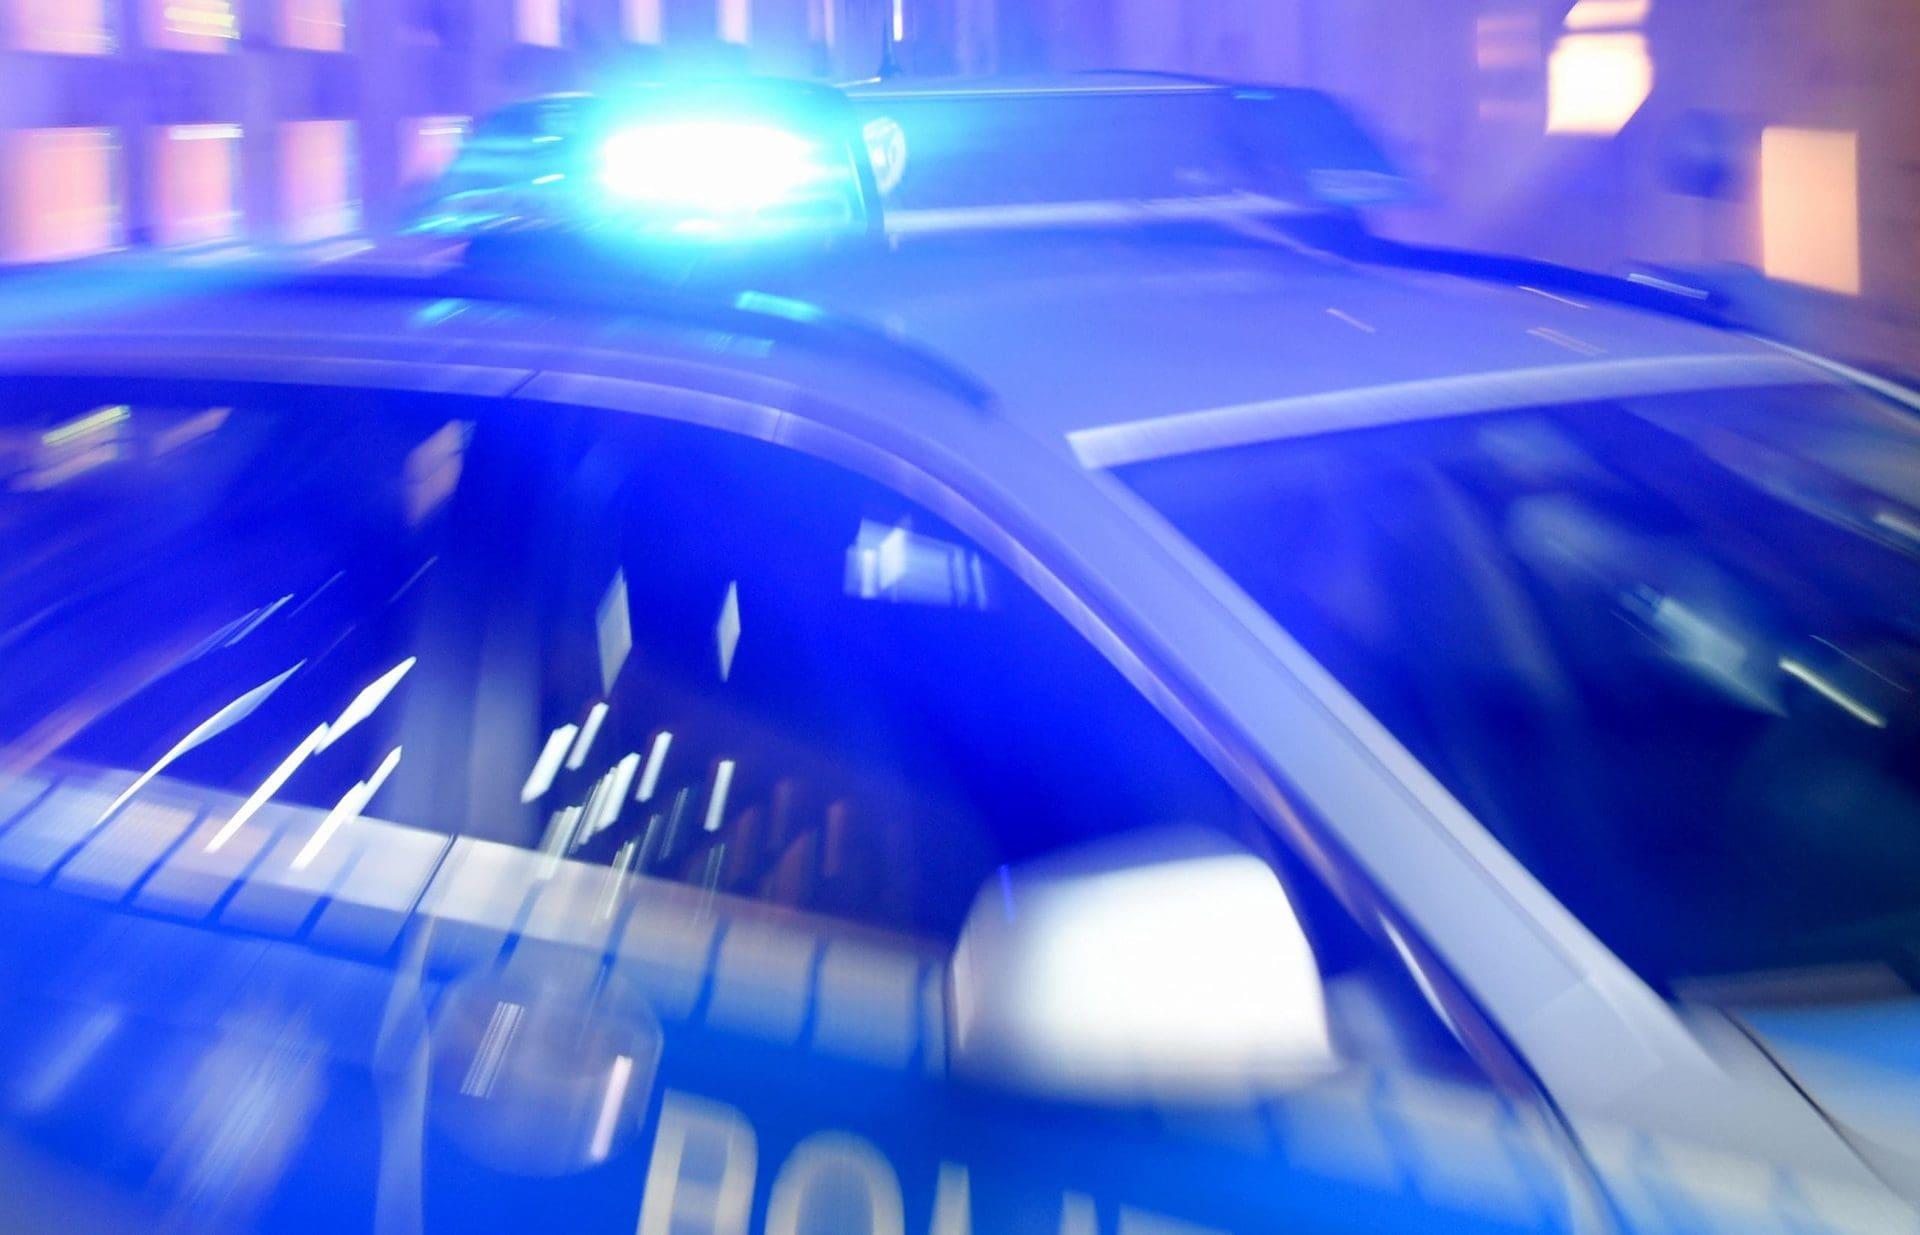 17-Jährige stirbt nach Kollision mit Viehtransporter Bei Wenzenbach ist die Fahrerin eines Leichtmotorrads im Krankenhaus gestorben